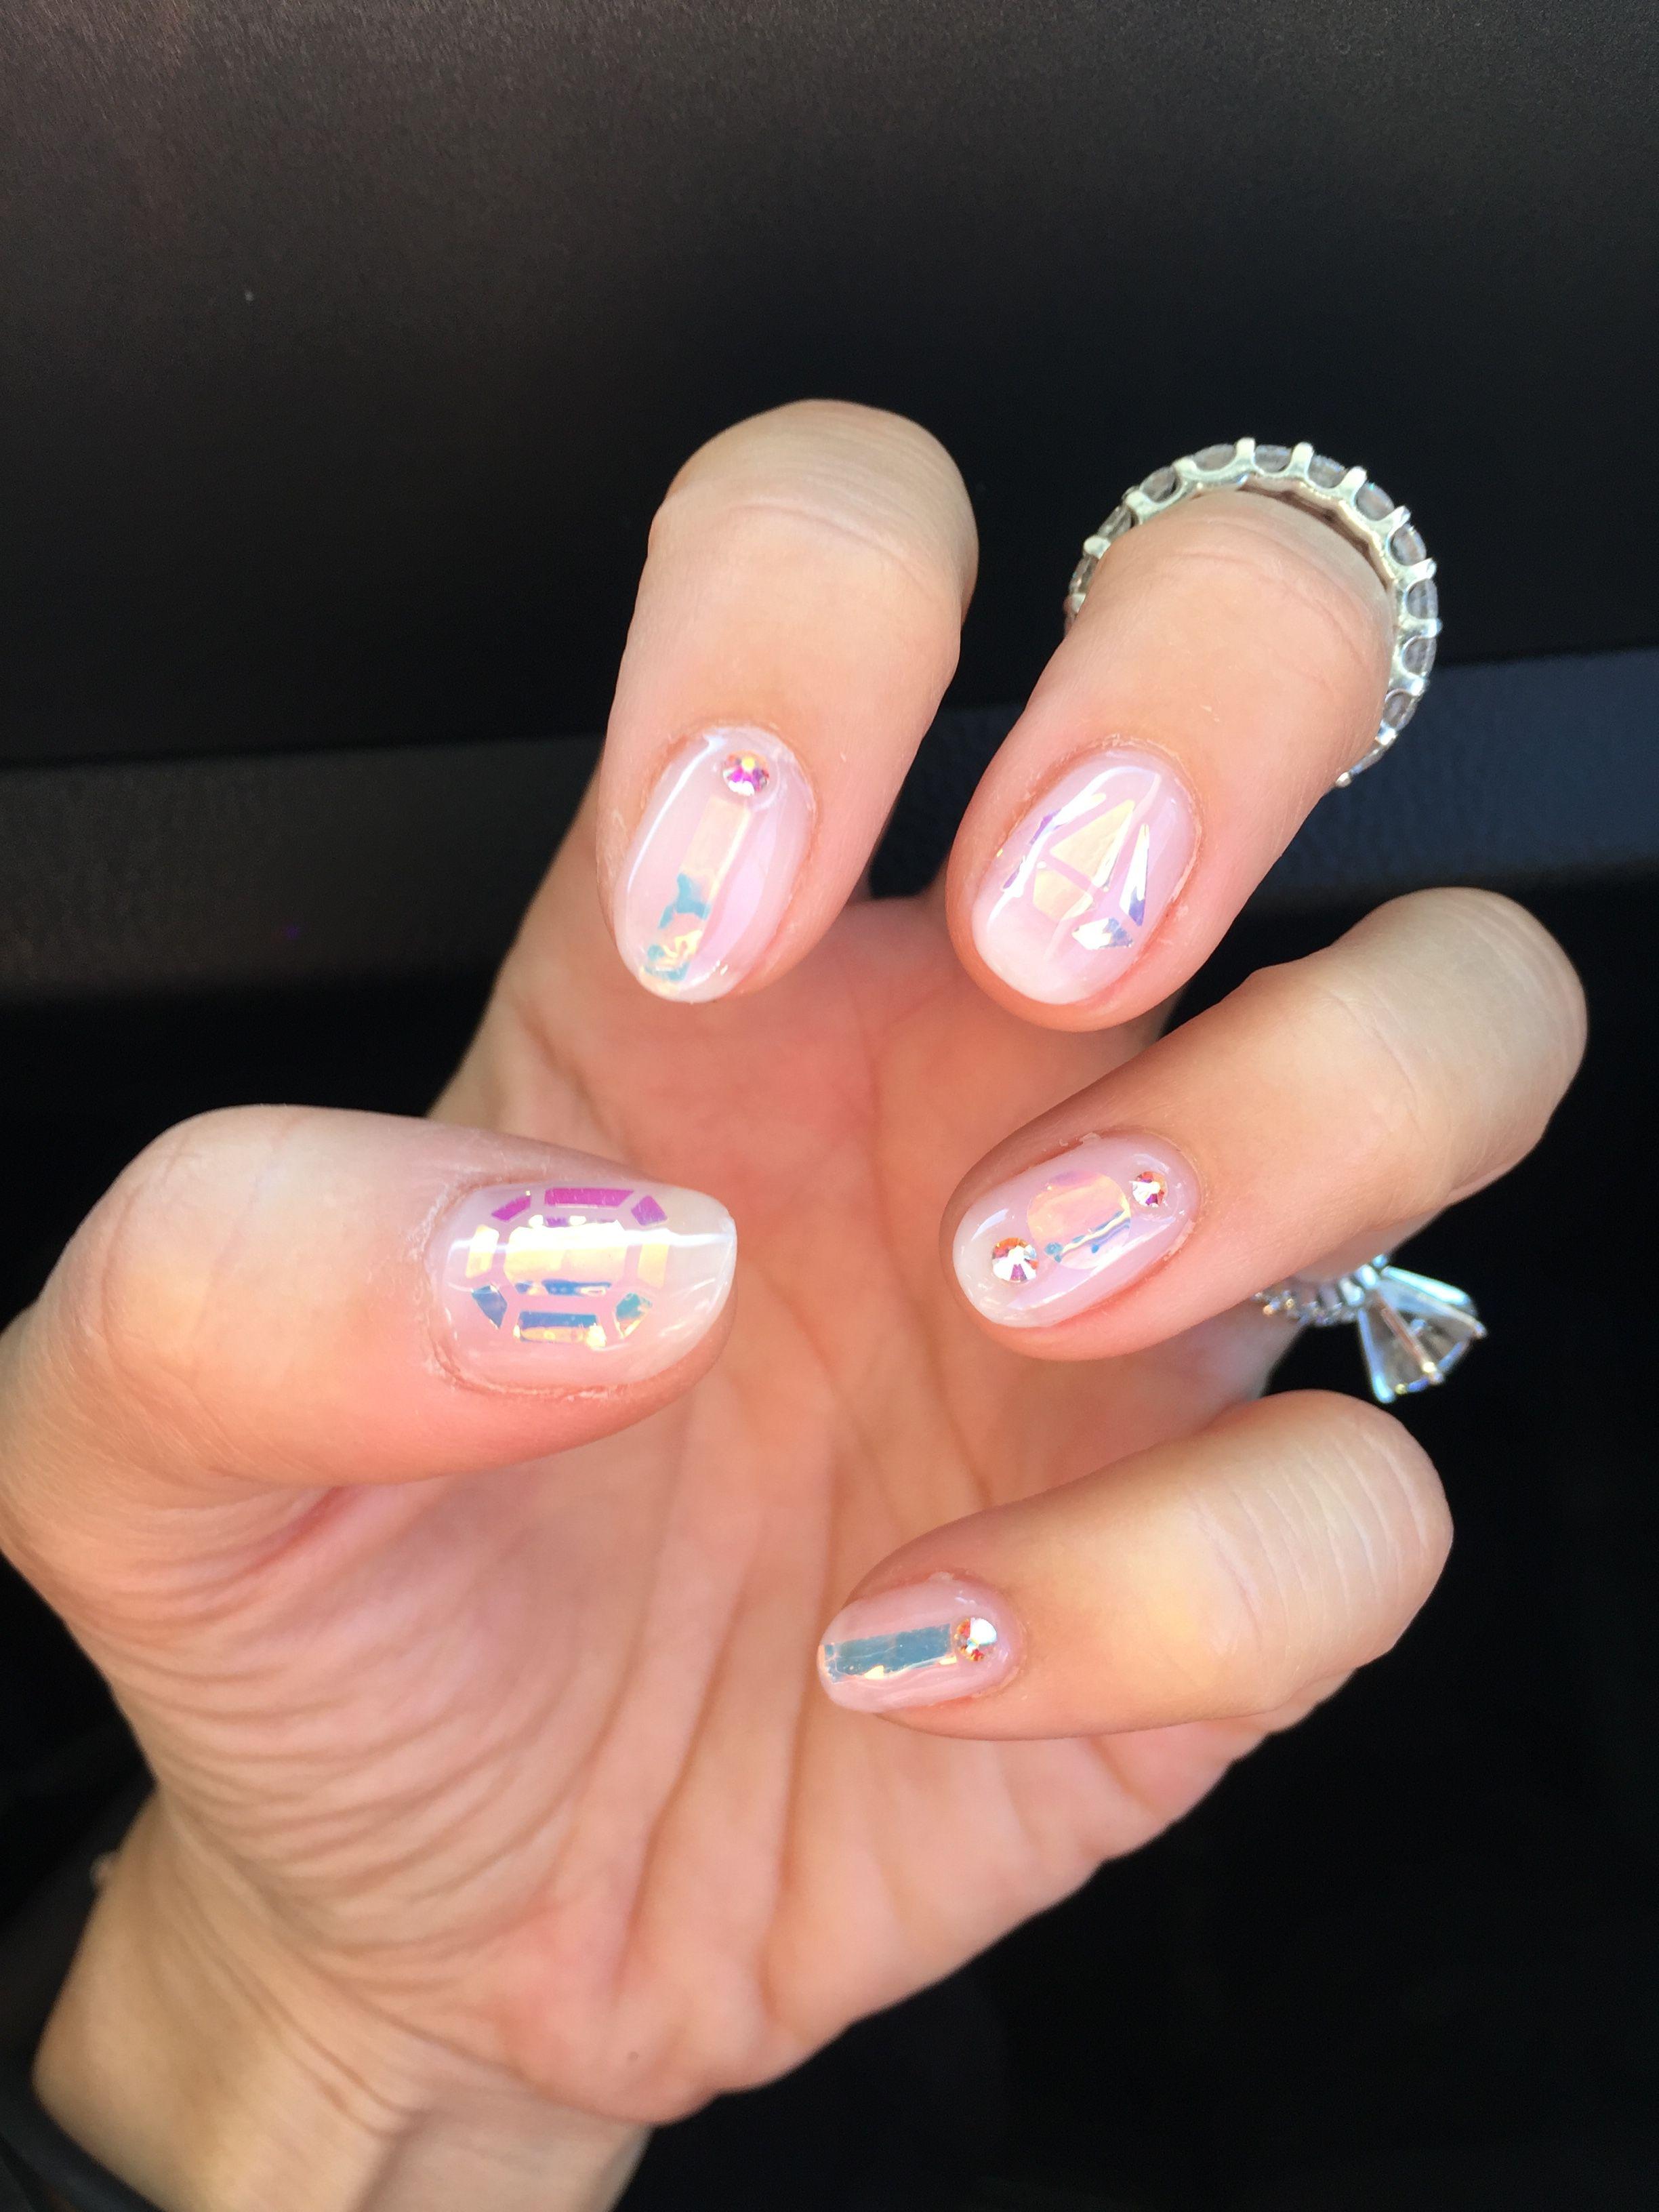 Clear pink gel design - Korean trend shattered / broken glass nails ...